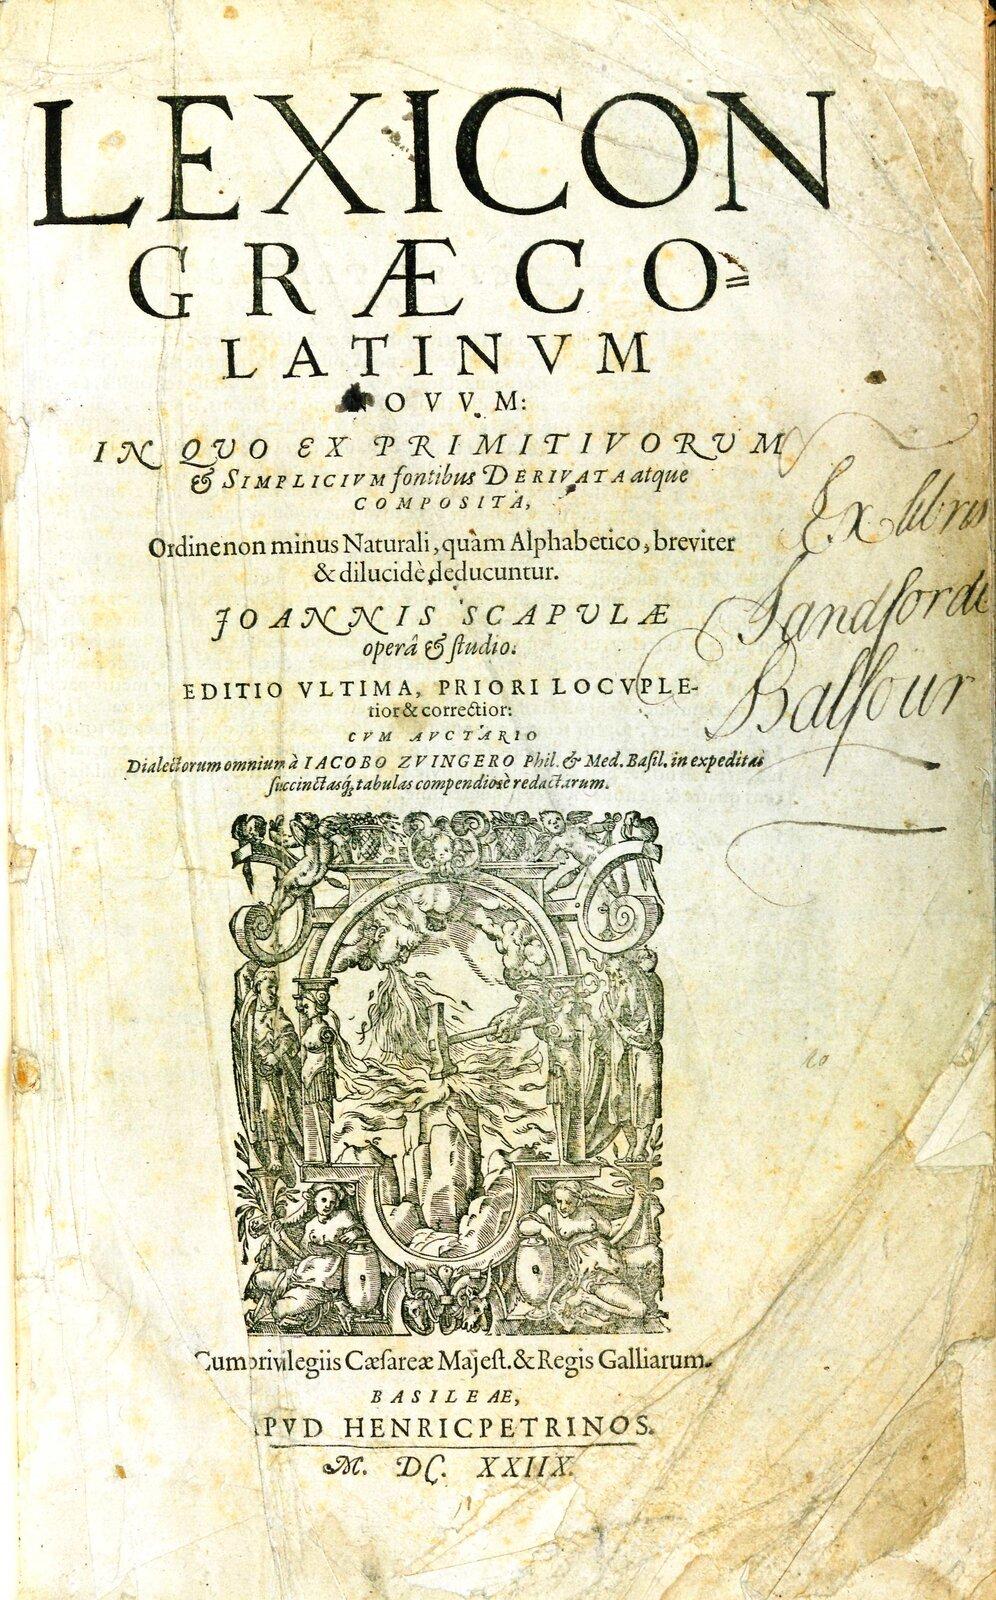 Fotografia nieznanego autora przedstawia stronę tytułową dzieła Lexicon graeco – latinum novus autorstwa Enniusza, przepisaną przez Johanna Scapuli. Karta jest koloru żółtego, widoczne są niej liczne załamania oraz ślady zużycia. Wcentrum karty widnieje zapis: LEXICON GRAECO LATINUM, poniżej zapis wjęzyku łacińskim oraz ilustracja, na której widoczna jest głowa kobiety ziejąca ogniem, oraz ręka mężczyzny, który uderza młotem wziemię.